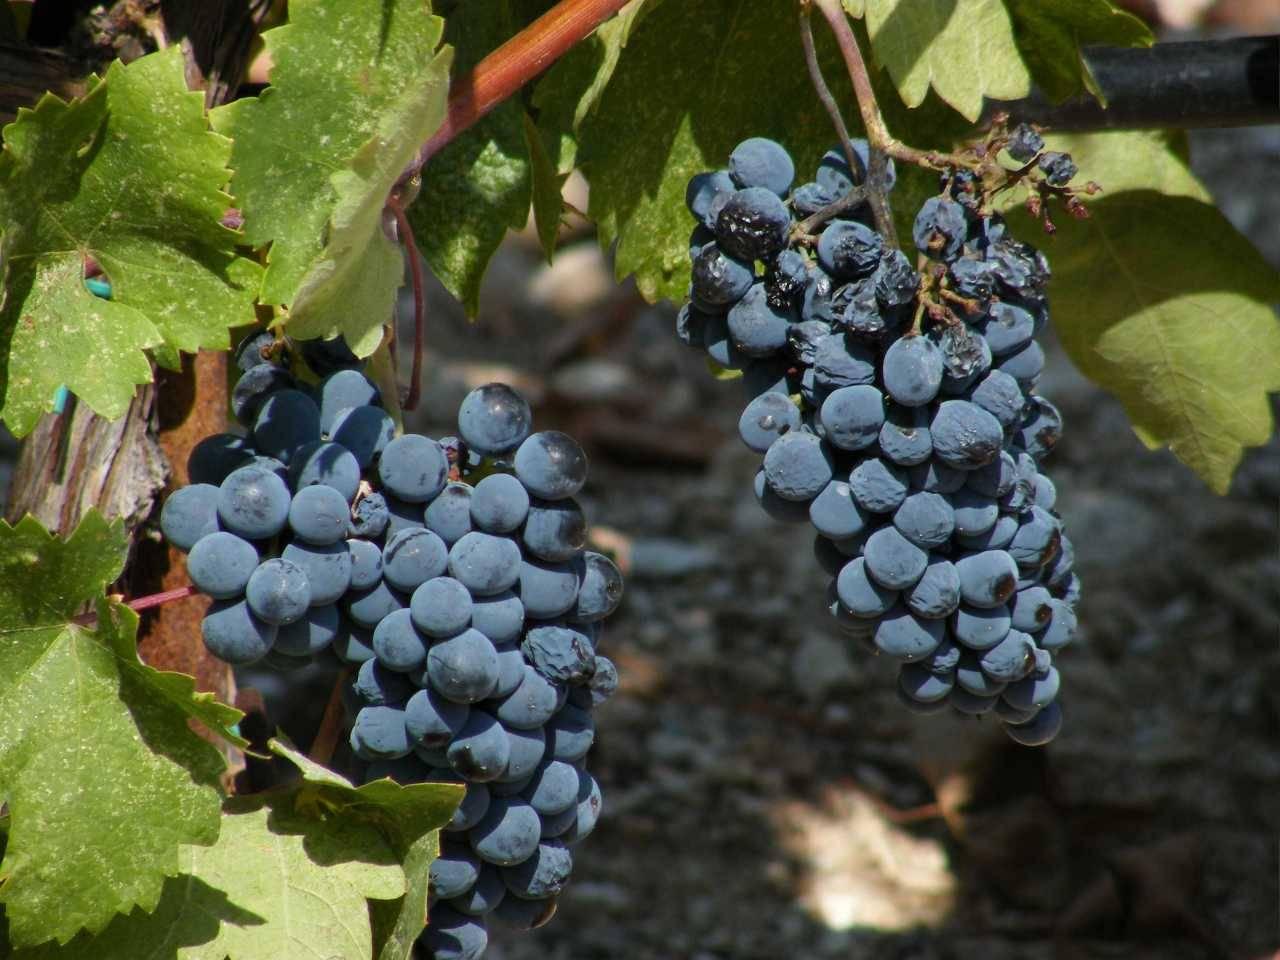 Топ-7 лучших укрывных сортов винограда для средней полосы россии | в саду (огород.ru)